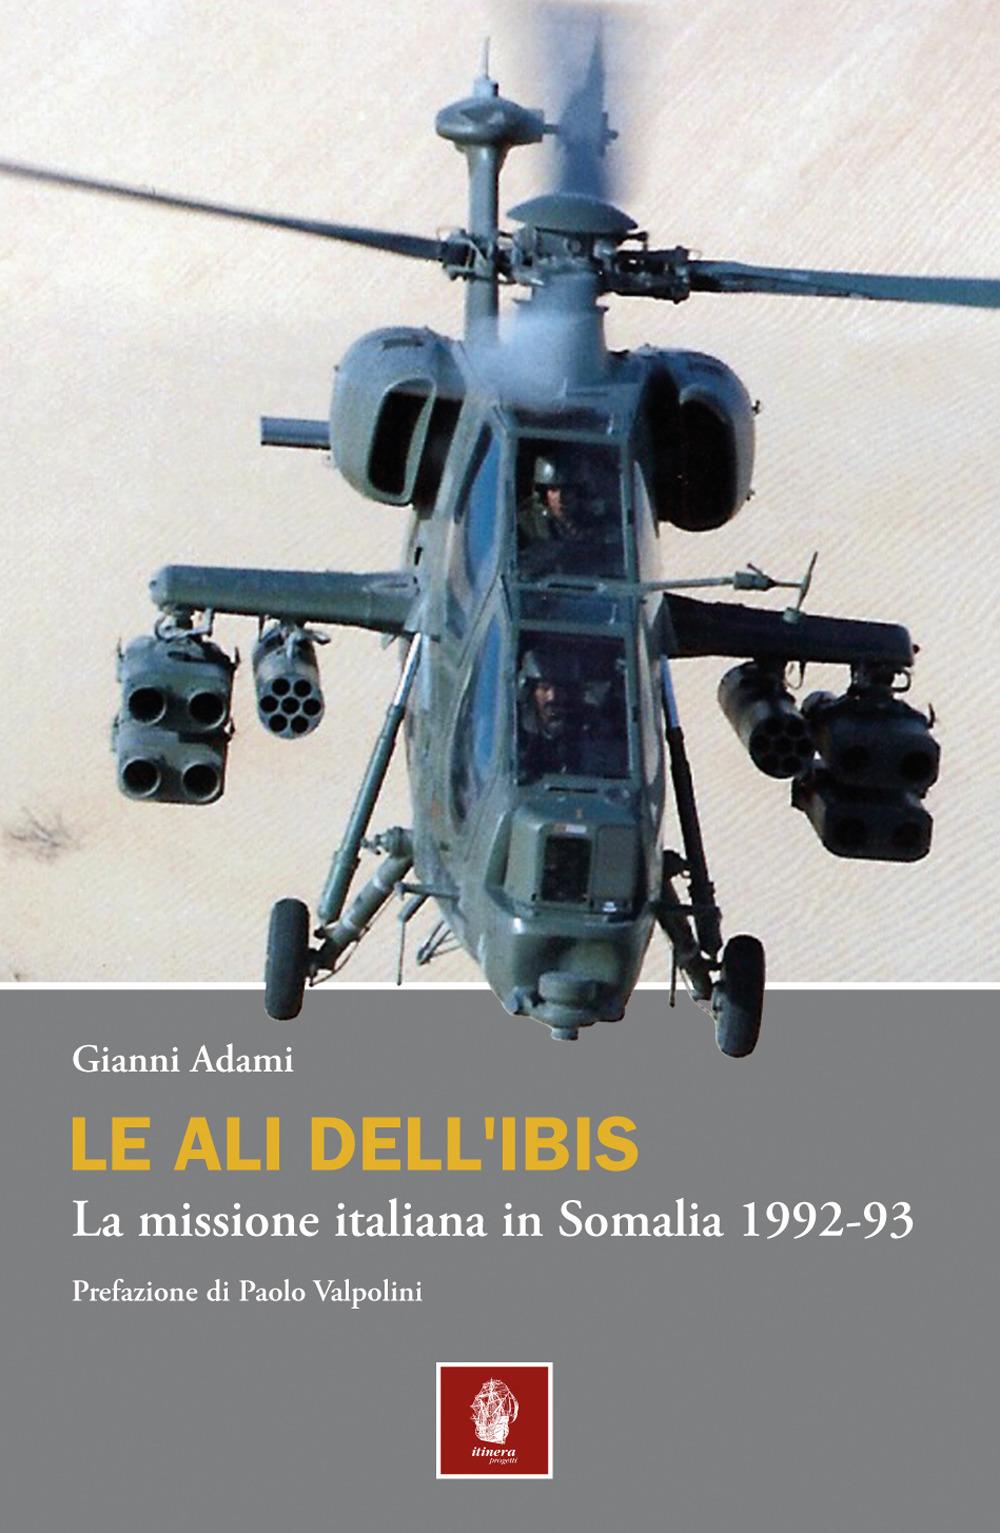 ALI DELL'IBIS. LA MISSIONE ITALIANA IN SOMALIA. LA MISSIONE ITALIANA IN SOMALIA 1992-93 (LE) - 9788888542881